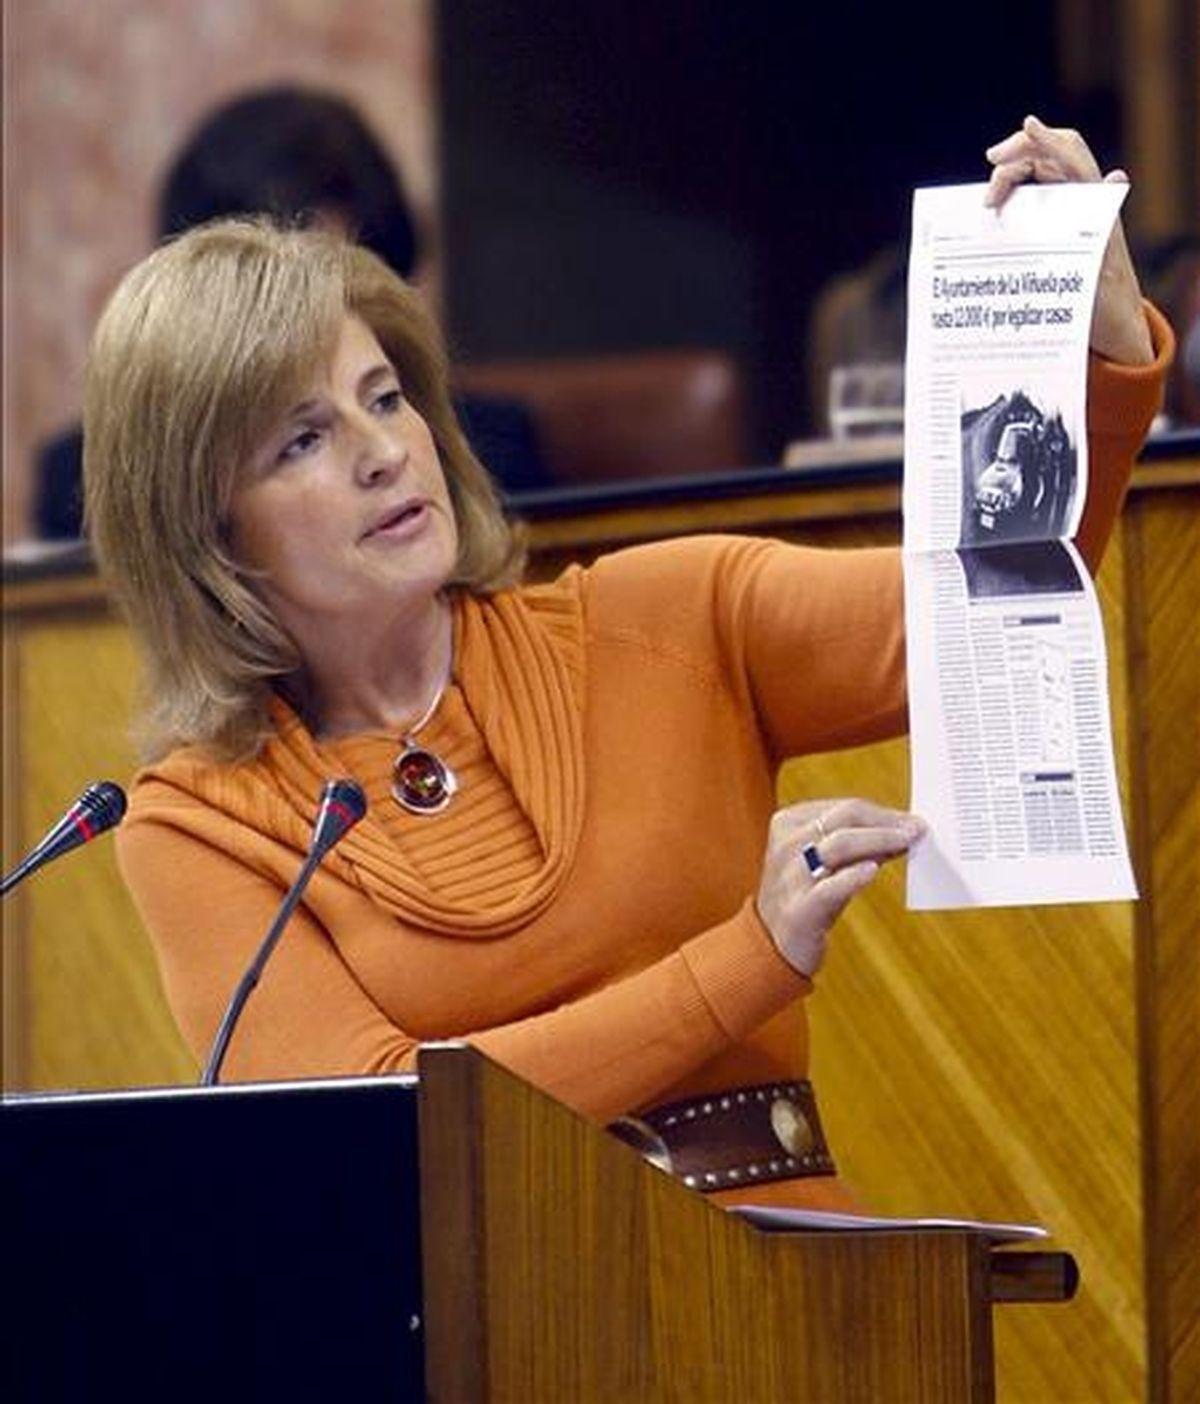 La portavoz del grupo Popular en el Parlamento andaluz, Esperanza Oña, durante su intervención en una sesión plenaria el pasado 11 de marzo. EFE/Archivo